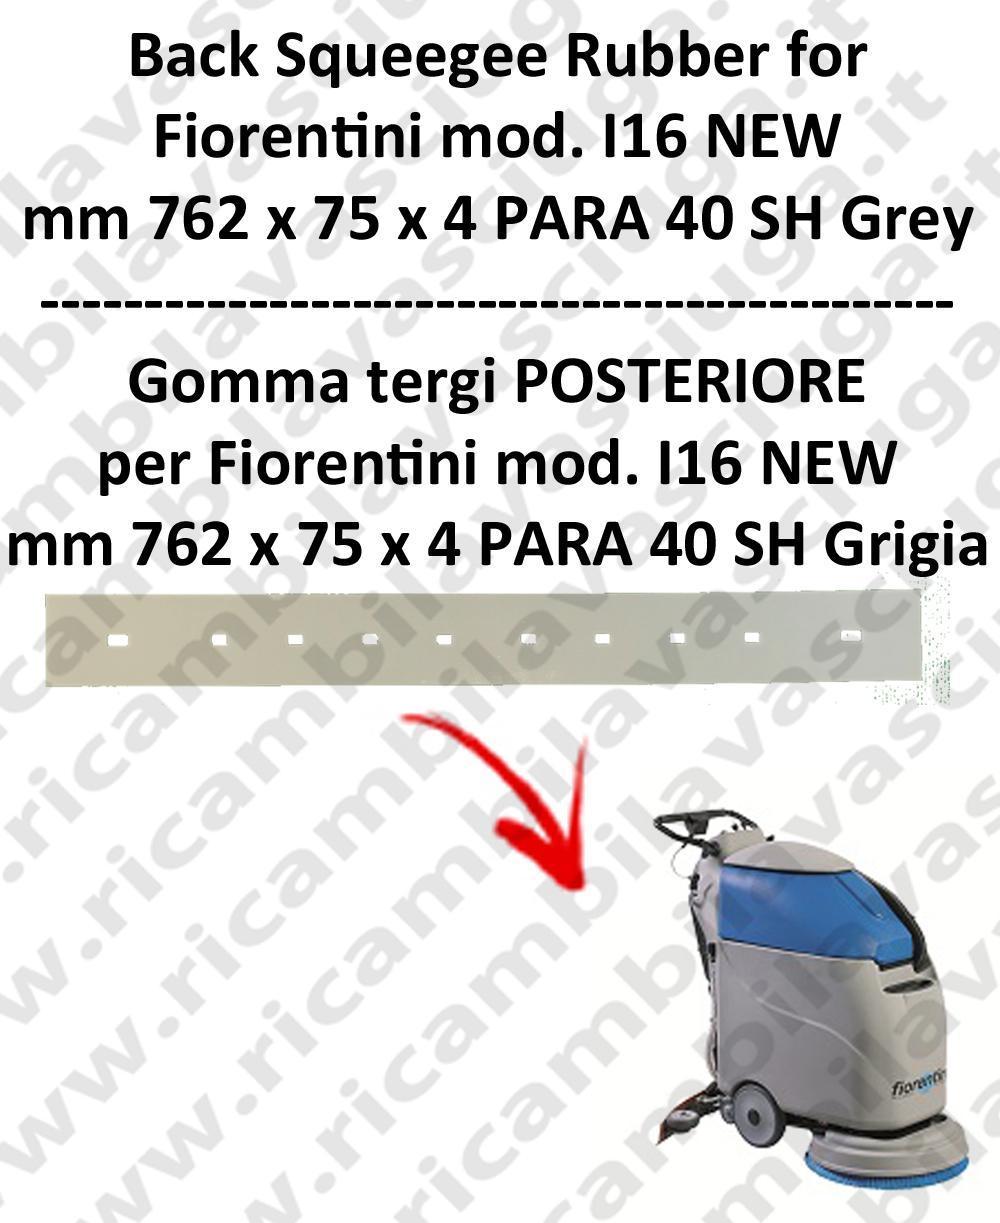 I16 NEW Hinten sauglippen für scheuersaugmaschinen FIORENTINI